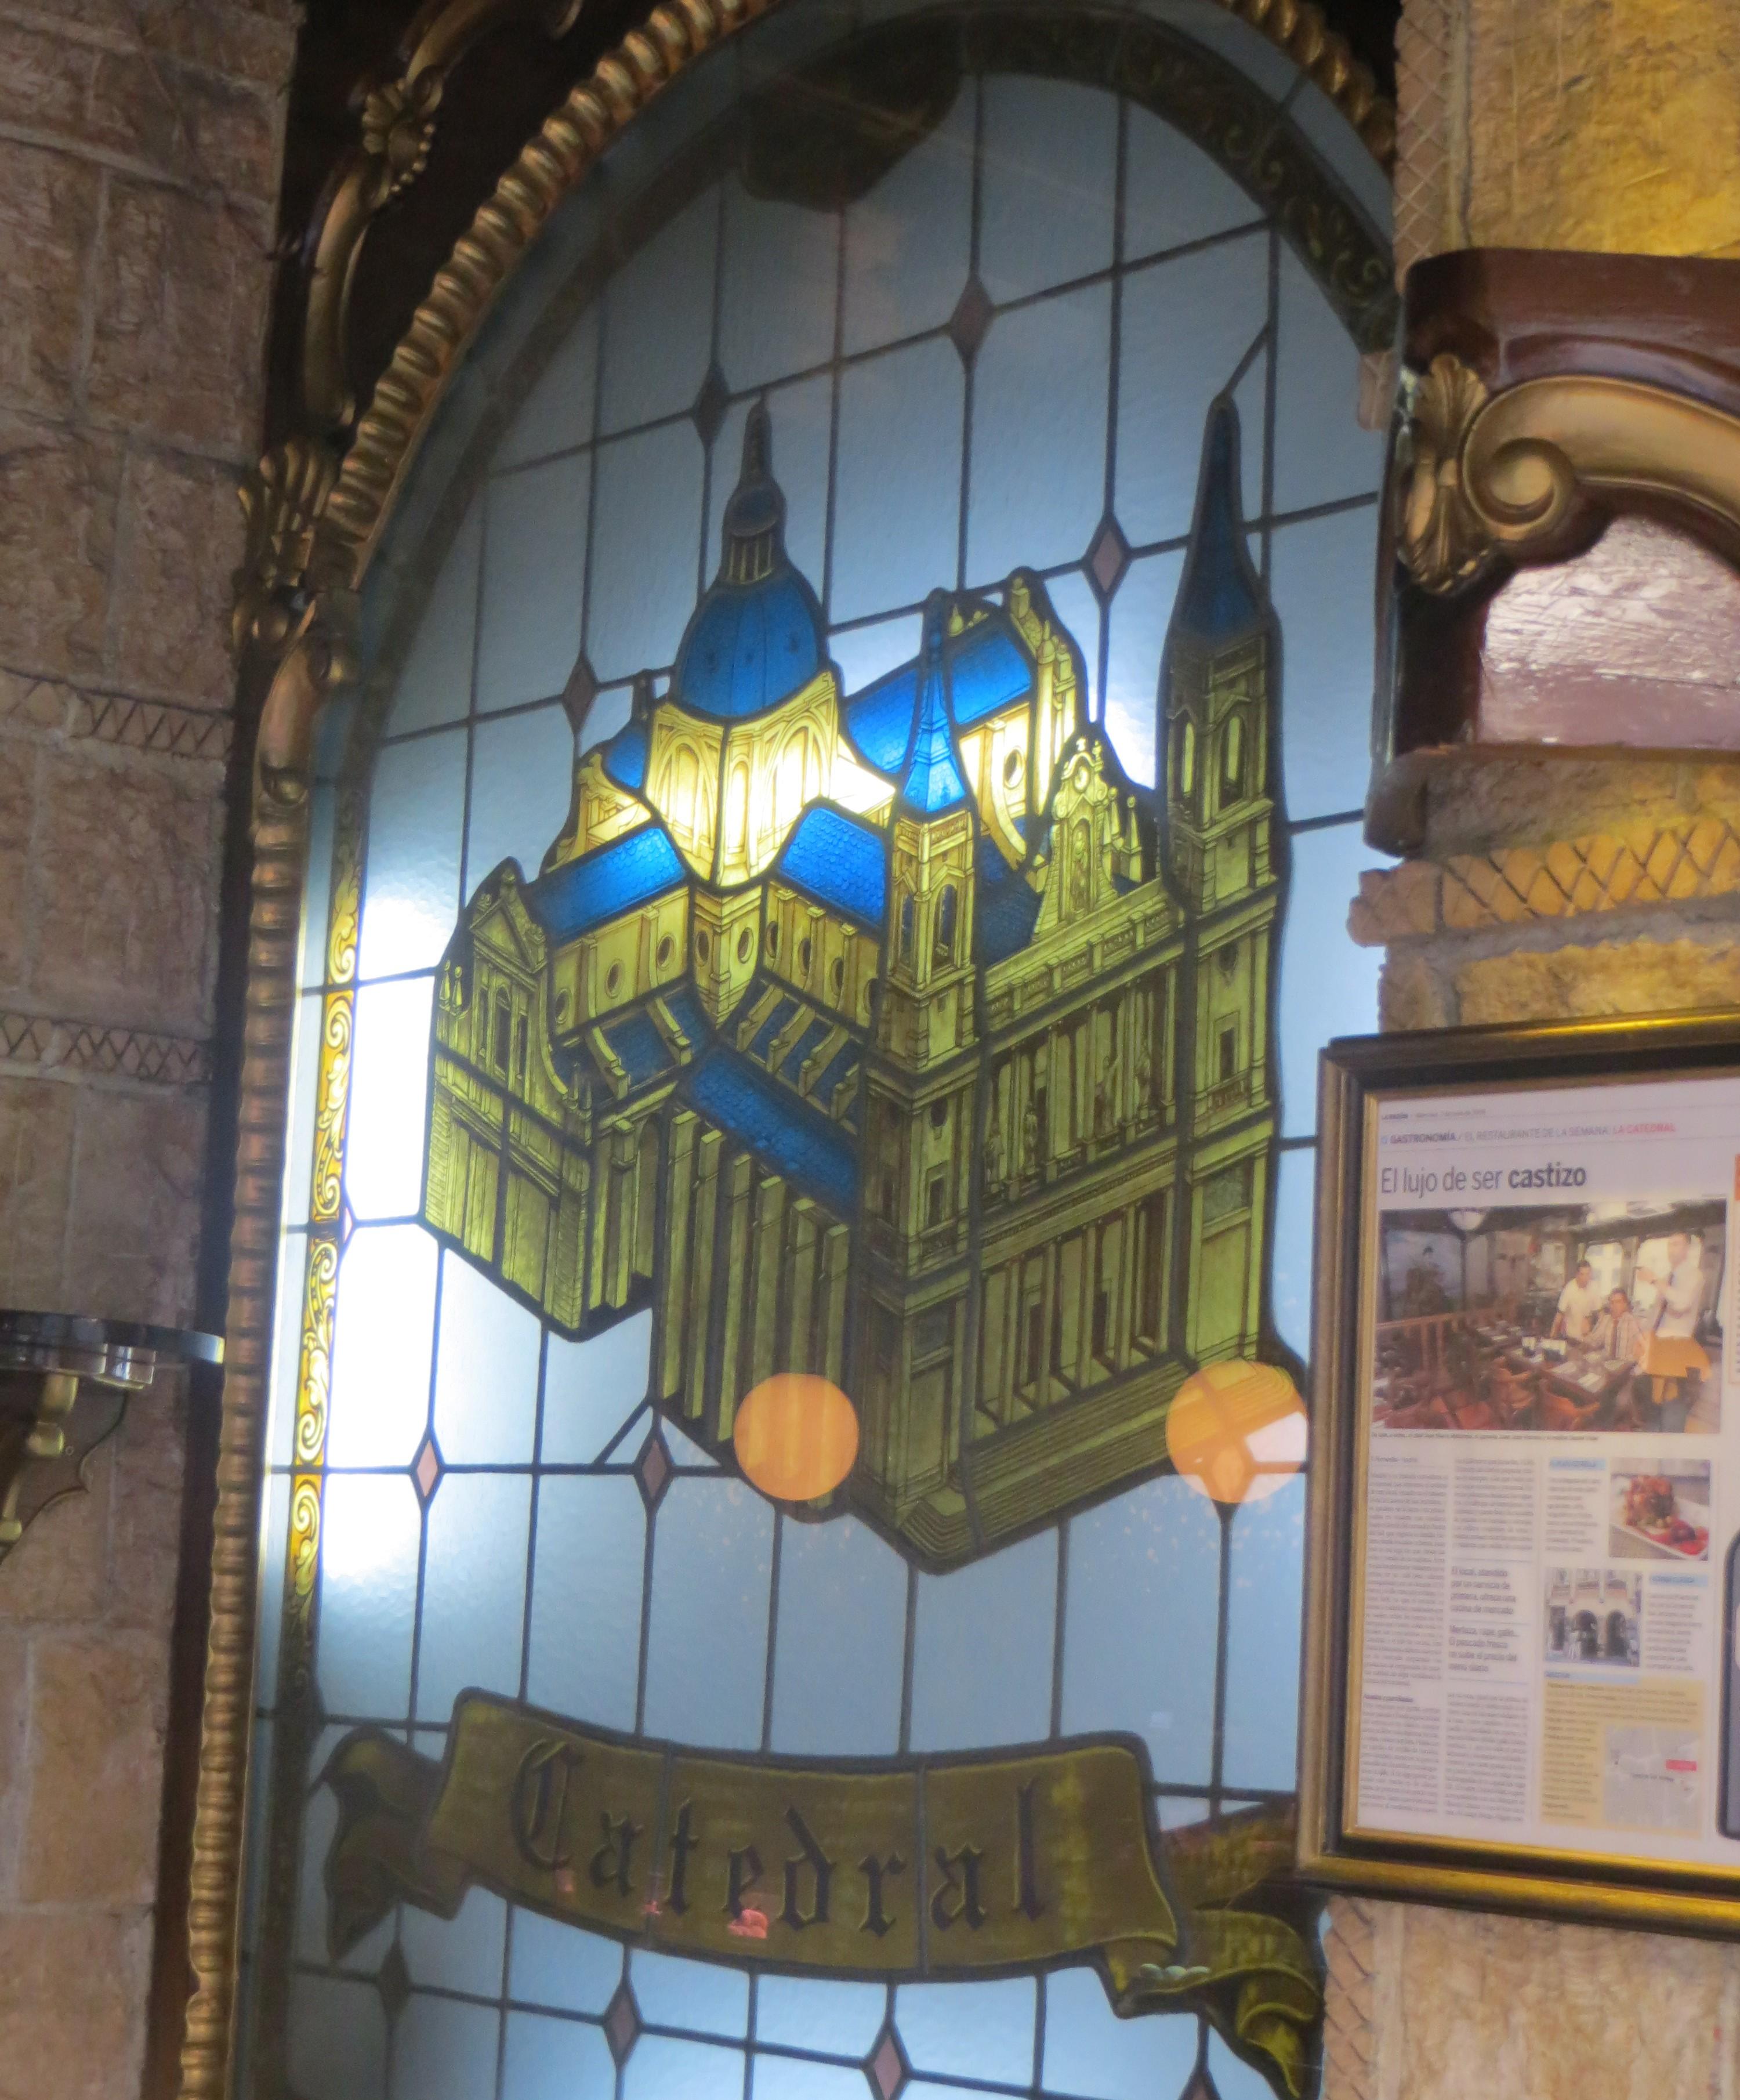 interior del restaurante La Catedral